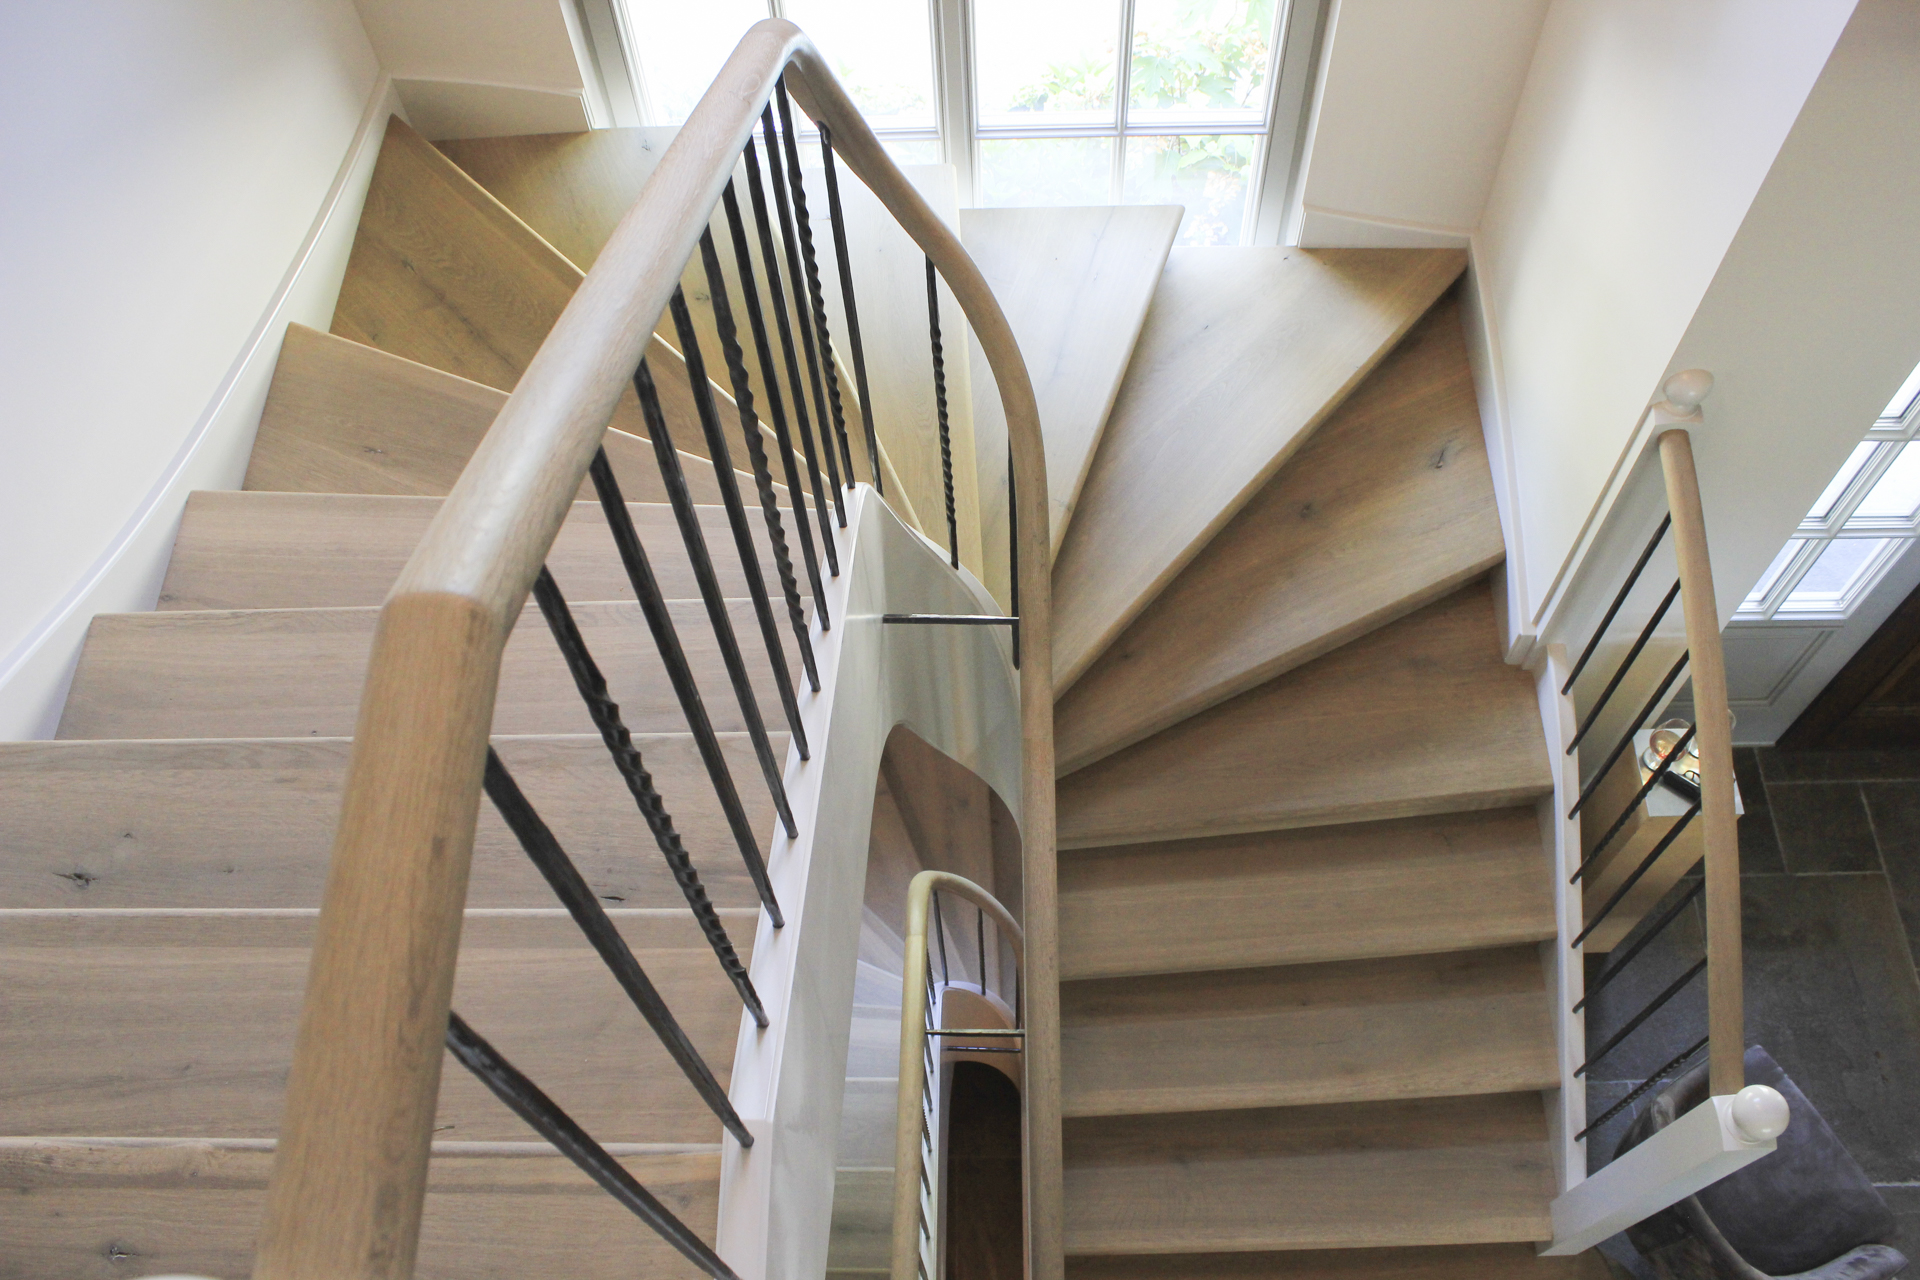 tischlerei-decker-landhaus-herliberg-treppe-von-oben